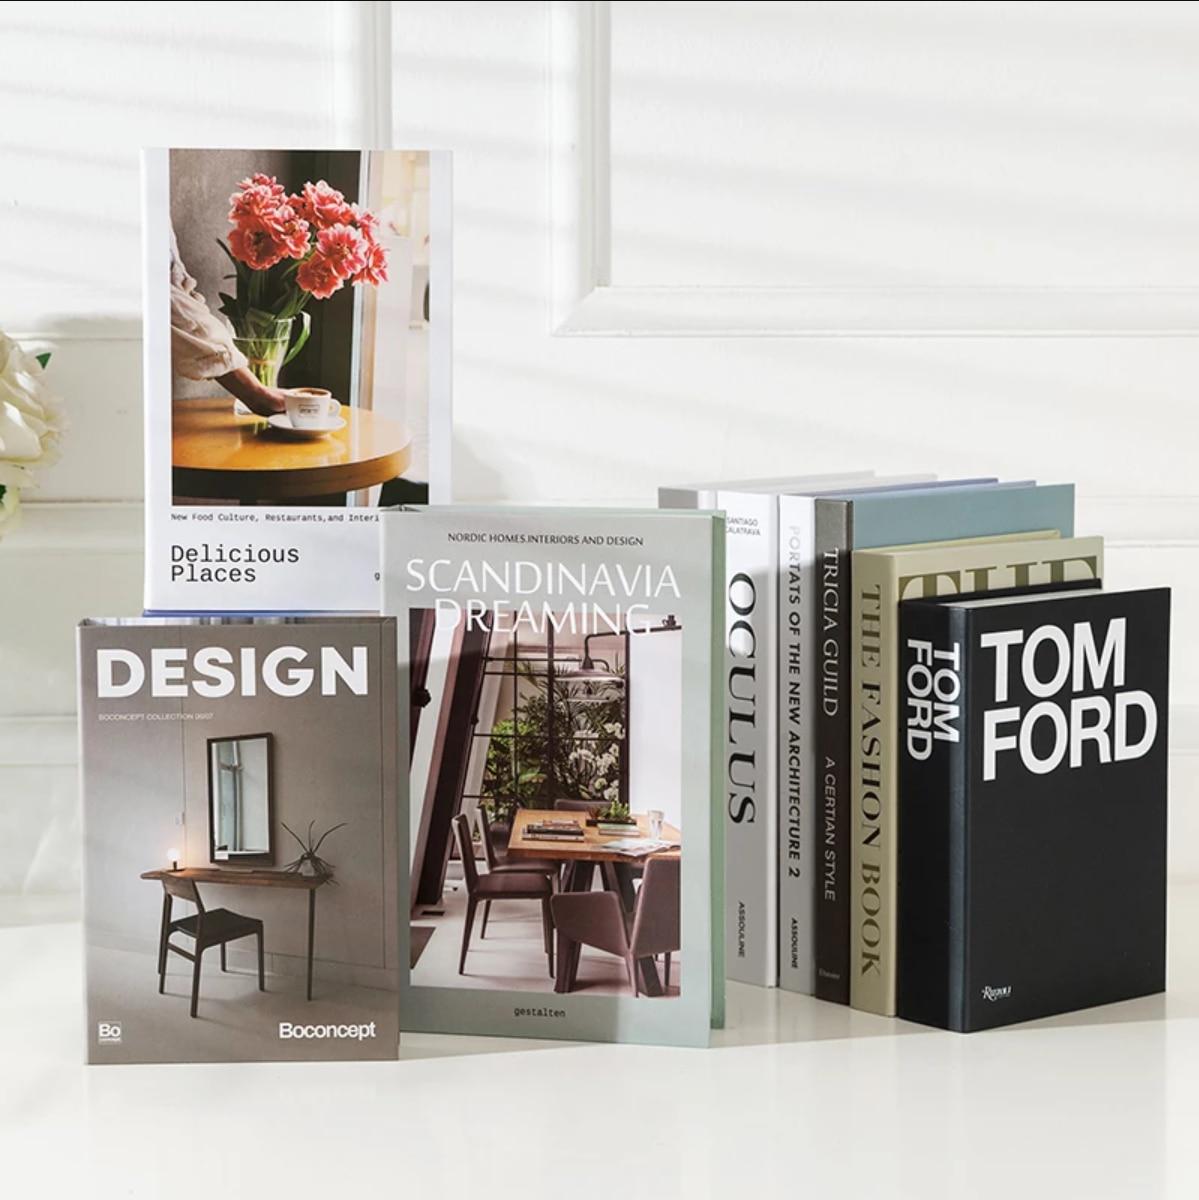 Simulation Gefälschte Bücher Dekoration Fashional Luxus Wohnkultur Ornamente Studie Weiche Buch Box Modell Vintage Für Cafe Club Hotel